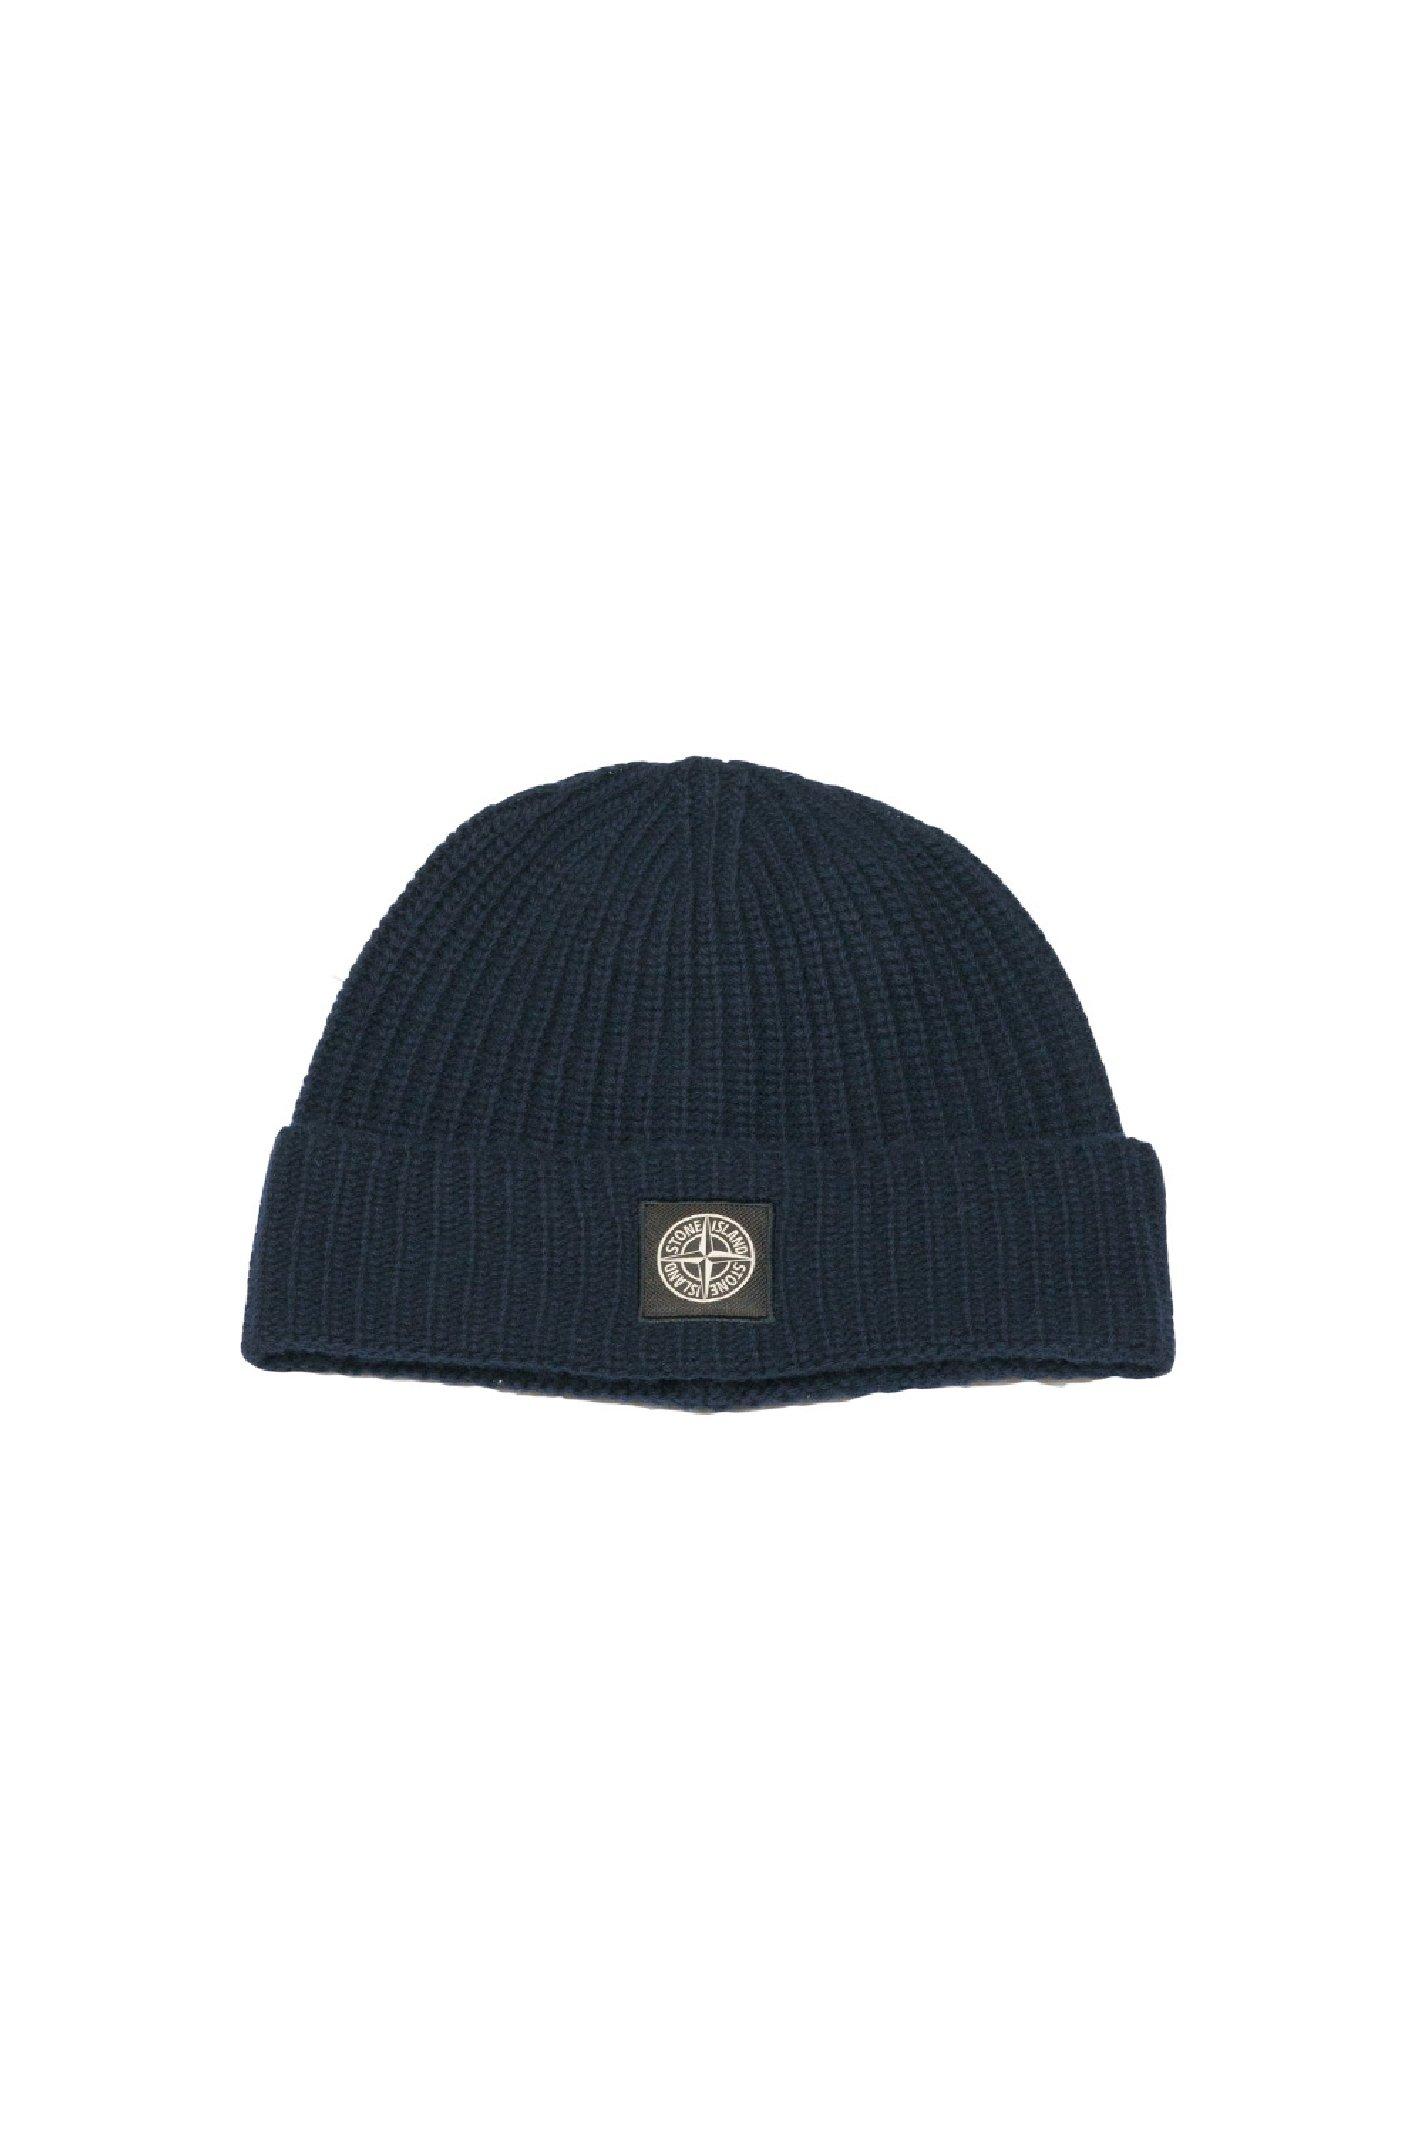 STONE ISLAND   Hats   7515N10B5V0020